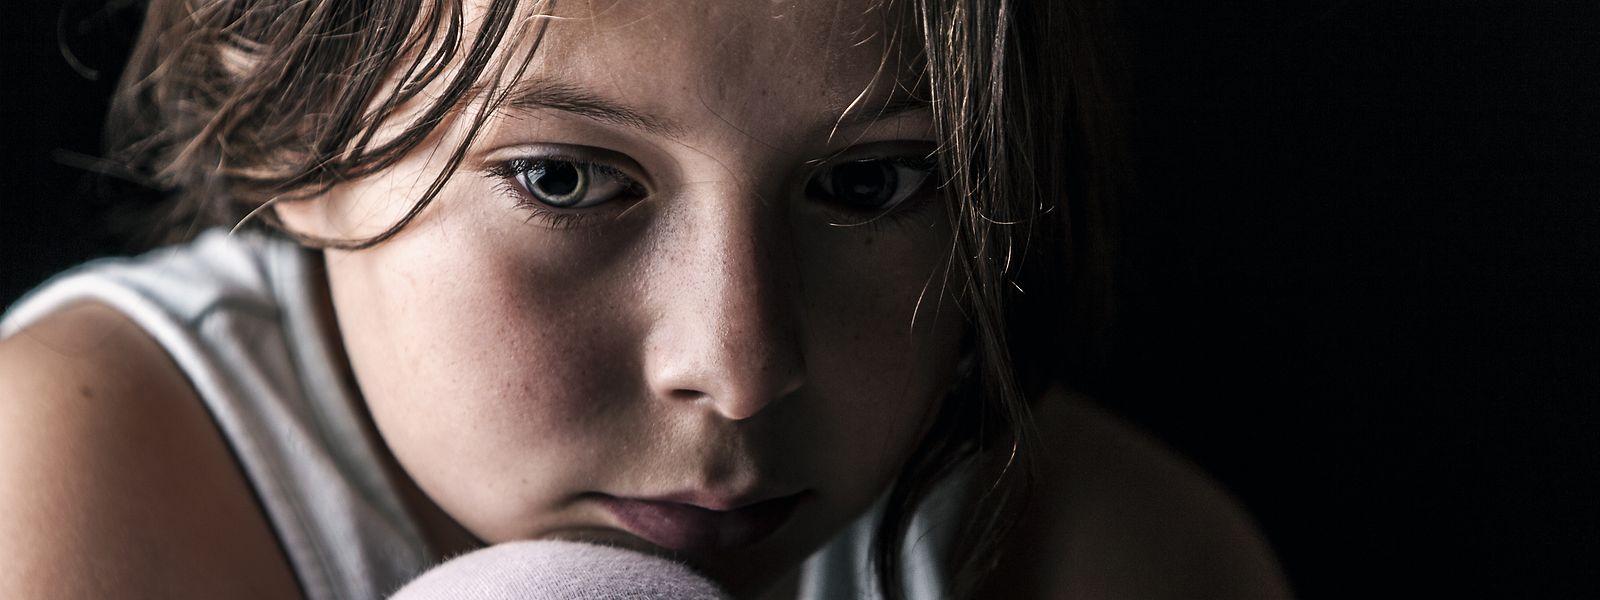 Für Kinder ist es unmöglich, alleine mit Mobbingsituationen umzugehen. Für Erwachsene ist es daher im schulischen Umfeld ganz besonders wichtig, die Zeichen rechtzeitig zu erkennen.